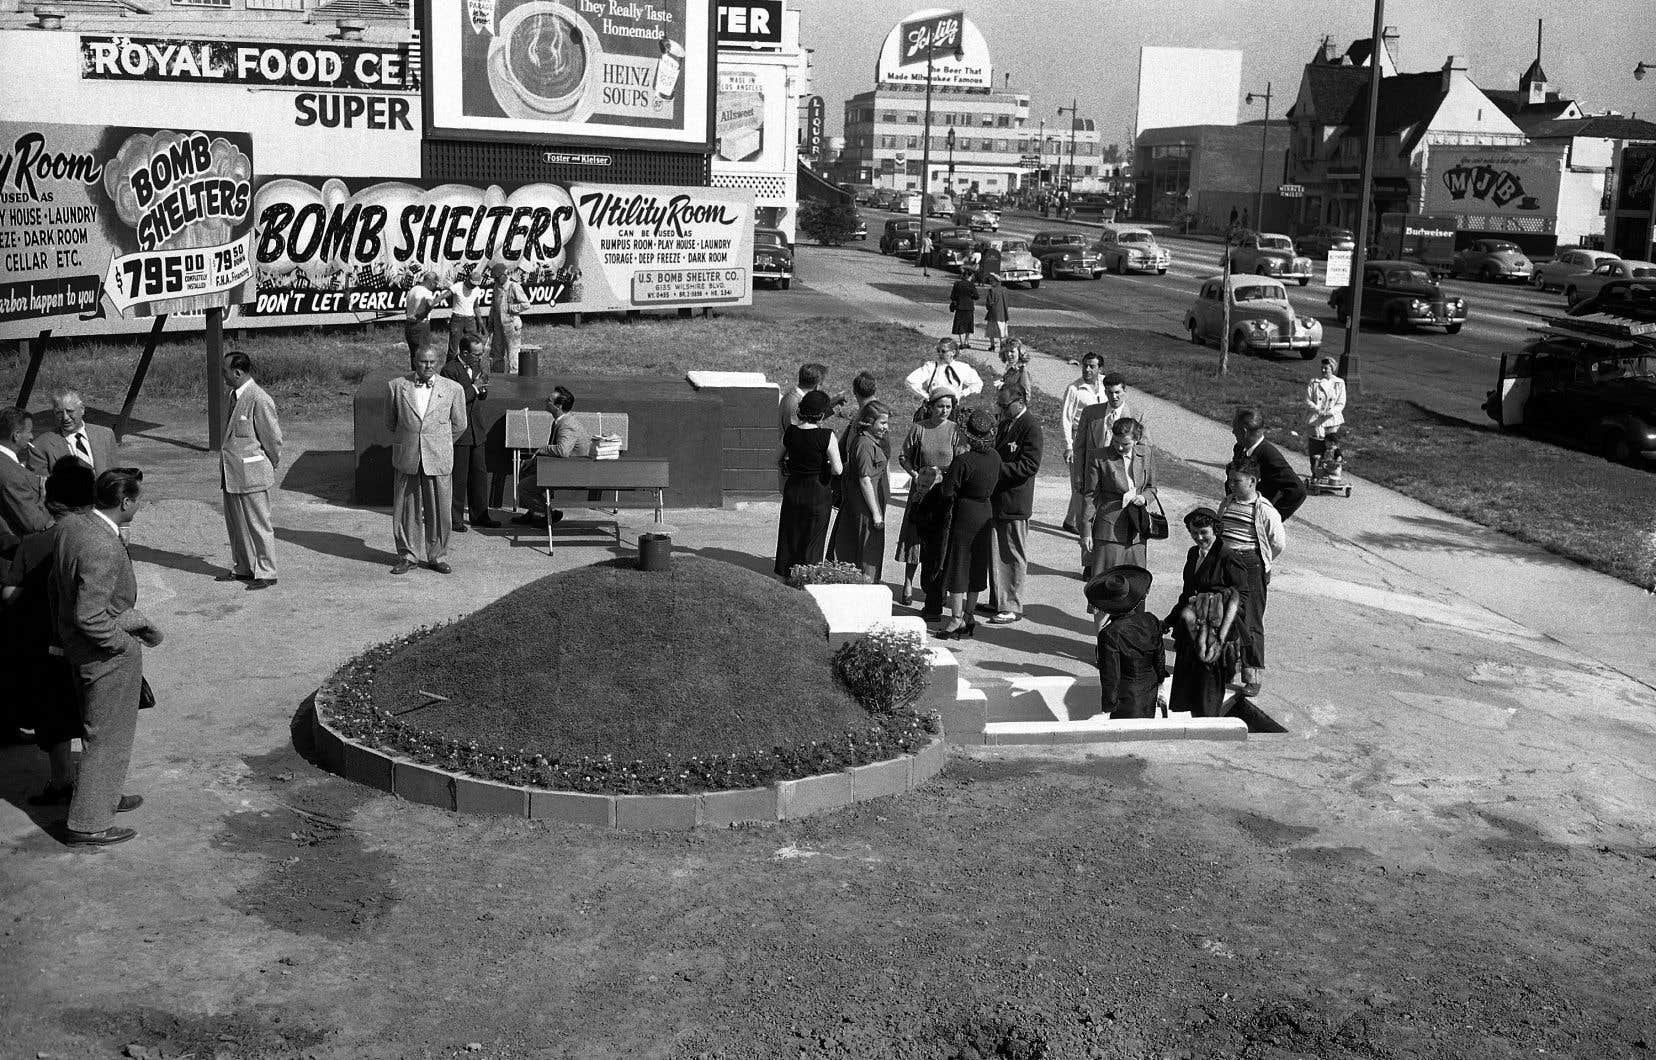 Dans les premières années de la guerre froide, des entrepreneurs ont commencé à proposer aux Américains la construction d'abris antinucélaires domestiques. Comme aux États-Unis, le Canada avait élaboré à l'époque un système d'alerte sonore en cas d'attaque soviétique.